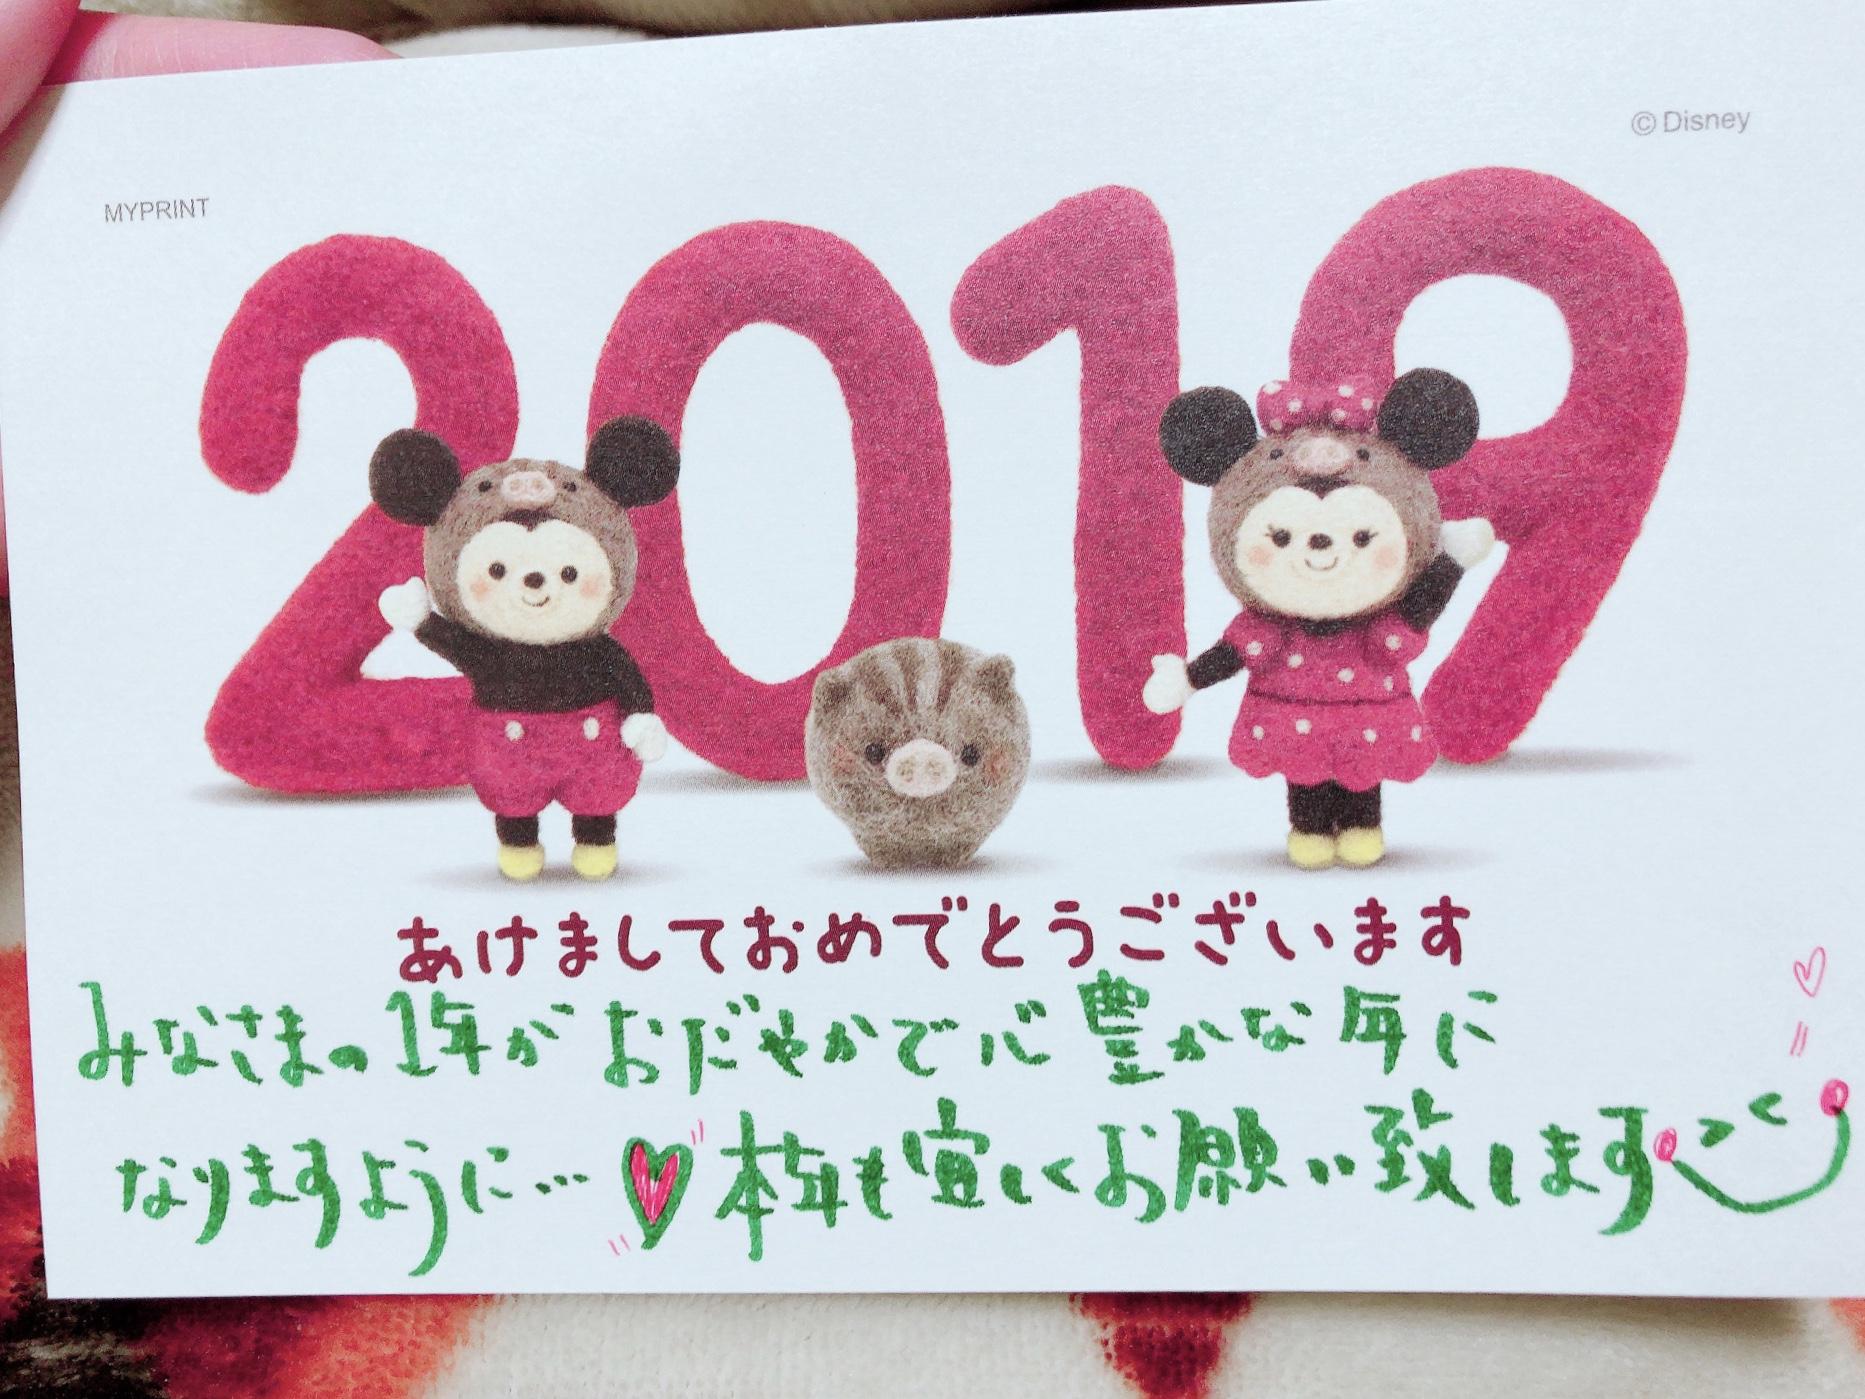 人妻さん日誌:新年明けましておめで